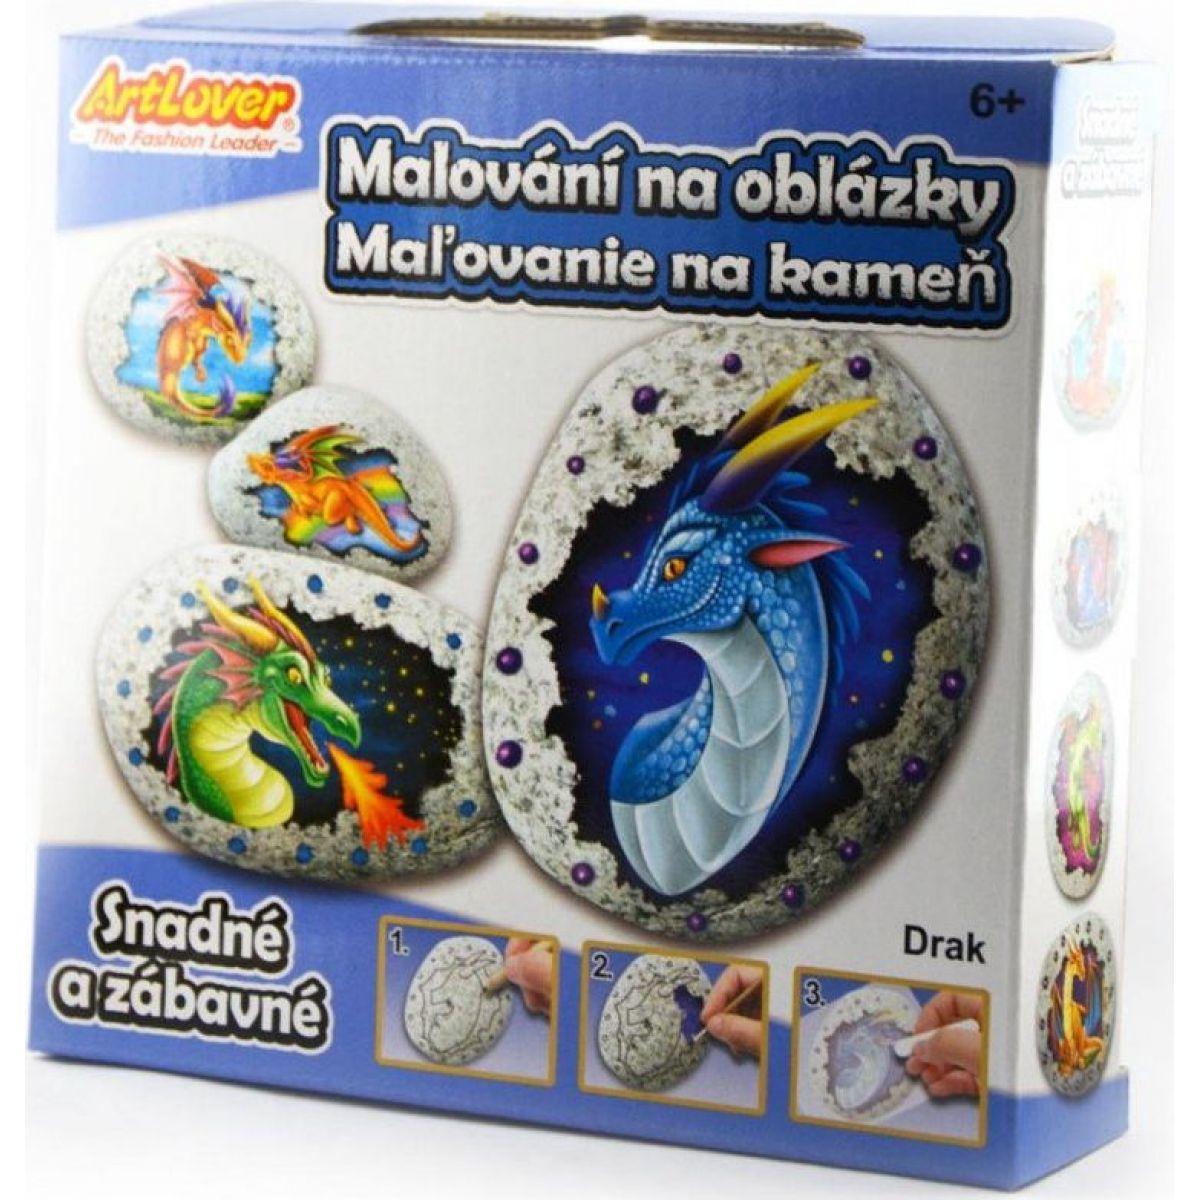 Malování na oblázky drak kreativní sada